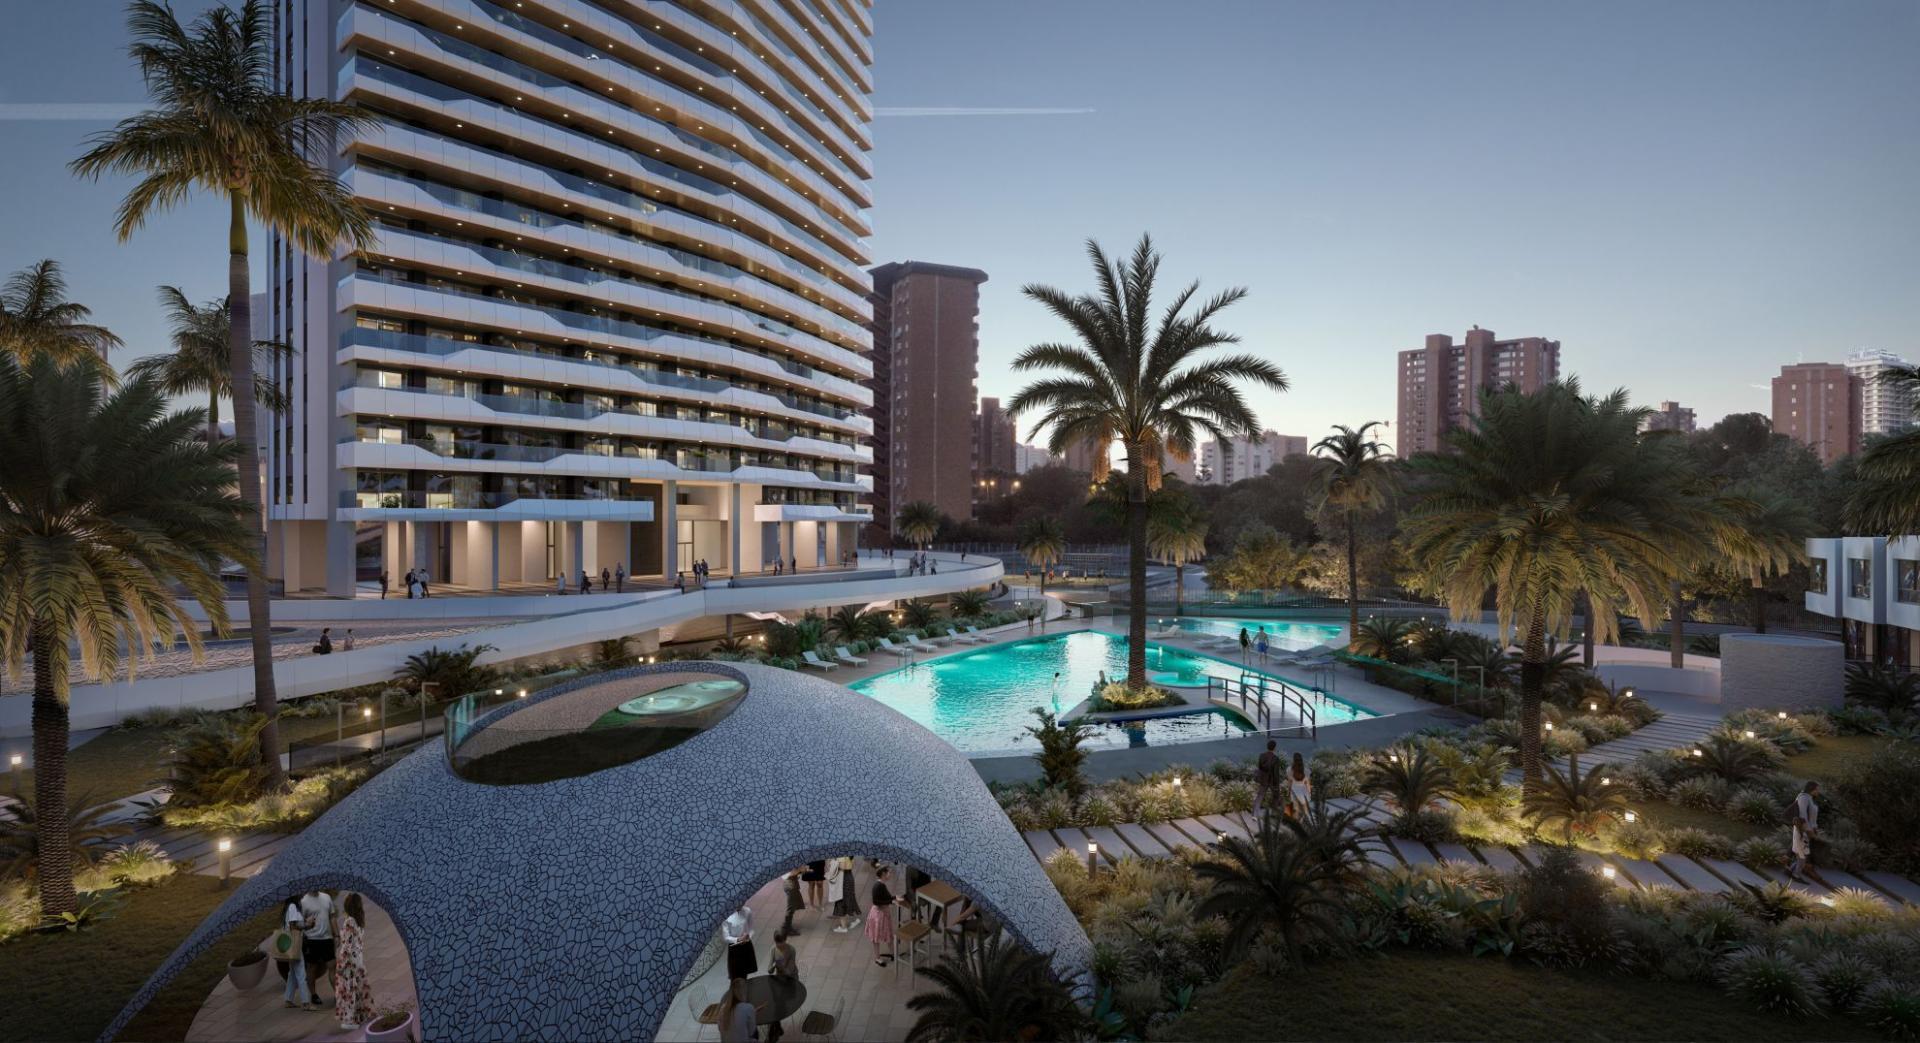 3 Slaapkamer Appartement met terras in Benidorm - Nieuwbouw in Medvilla Spanje